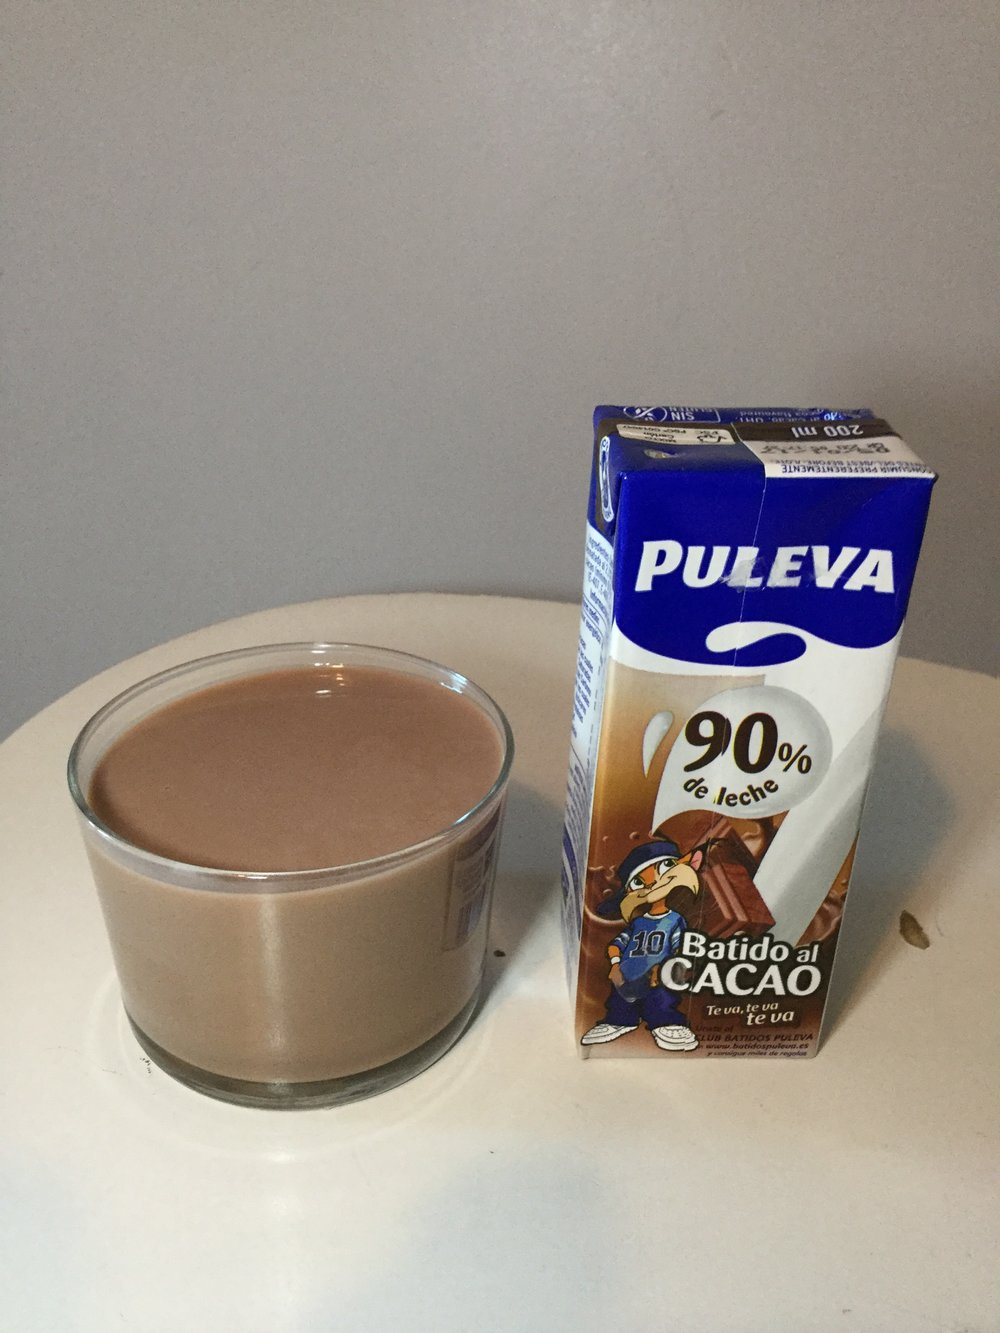 Puleva Batido Al Cacao Cup